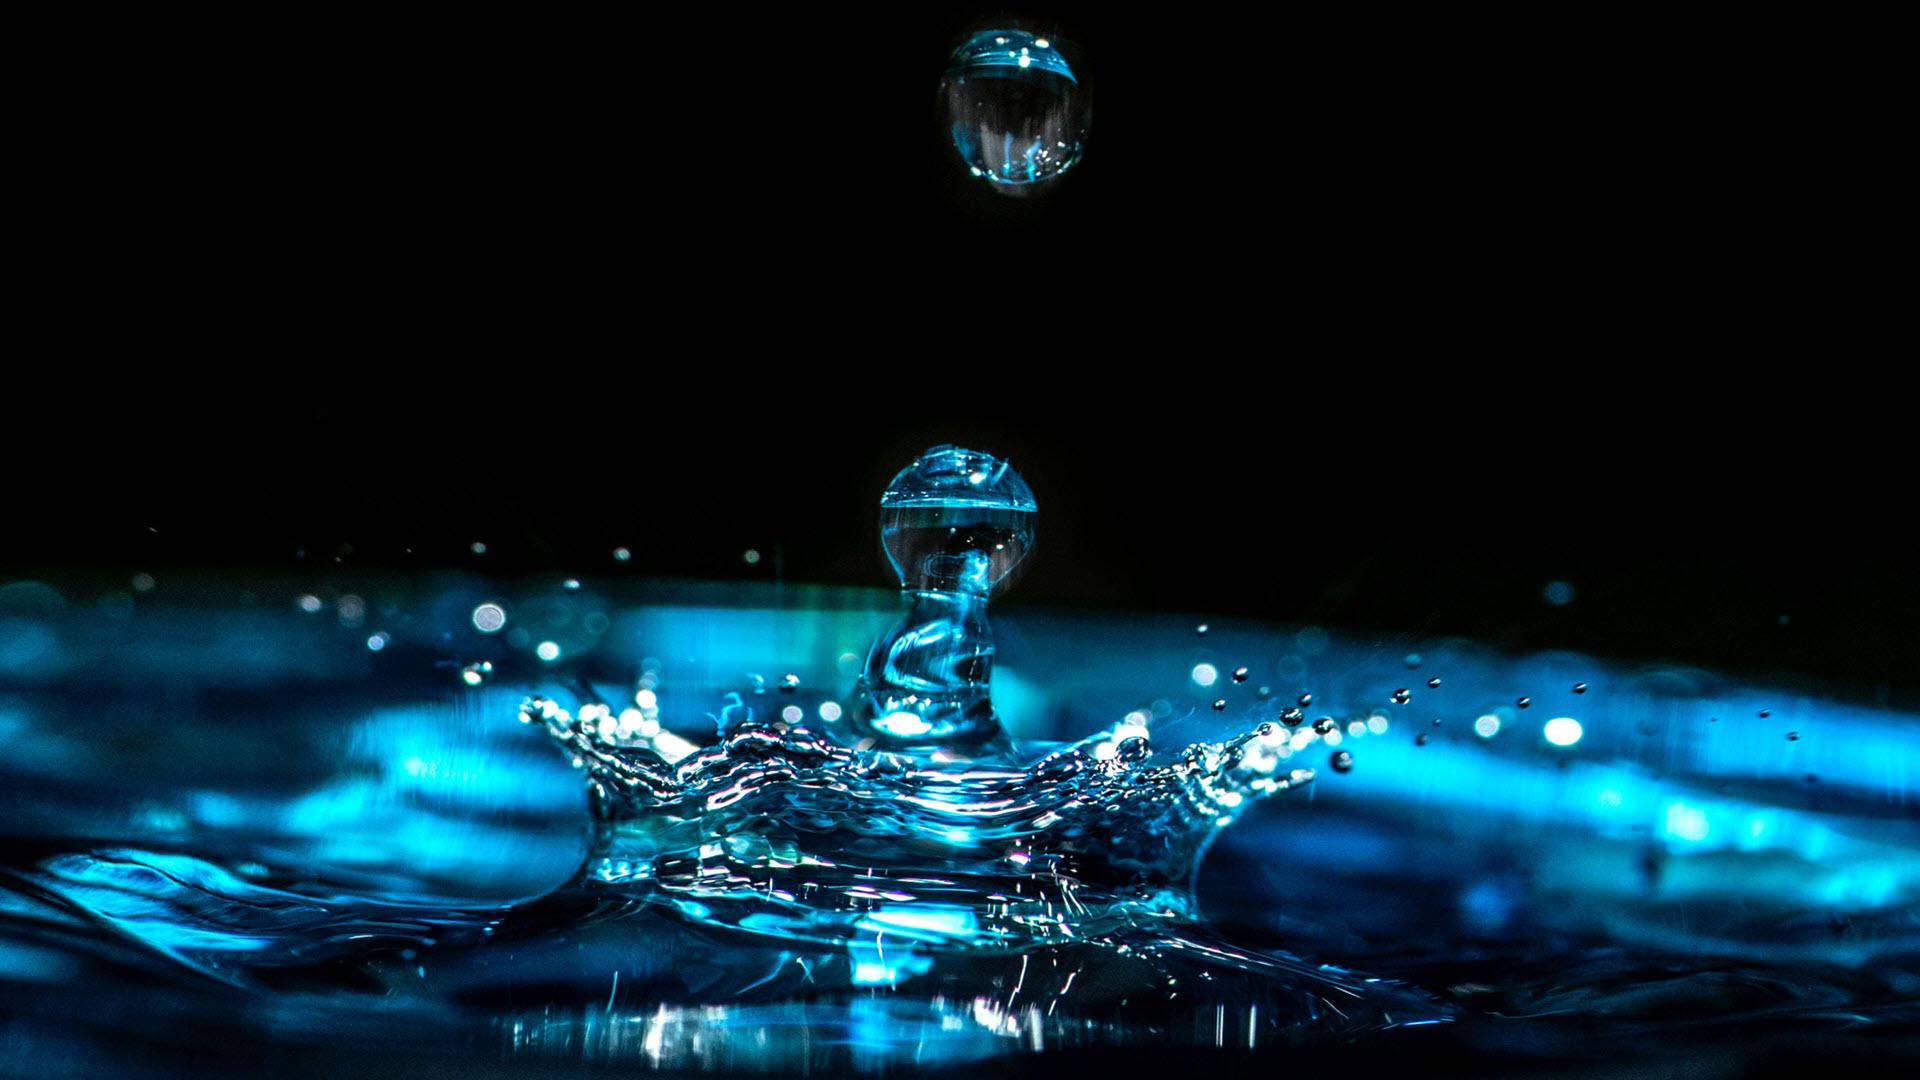 Hình nền nước tuyệt đẹp